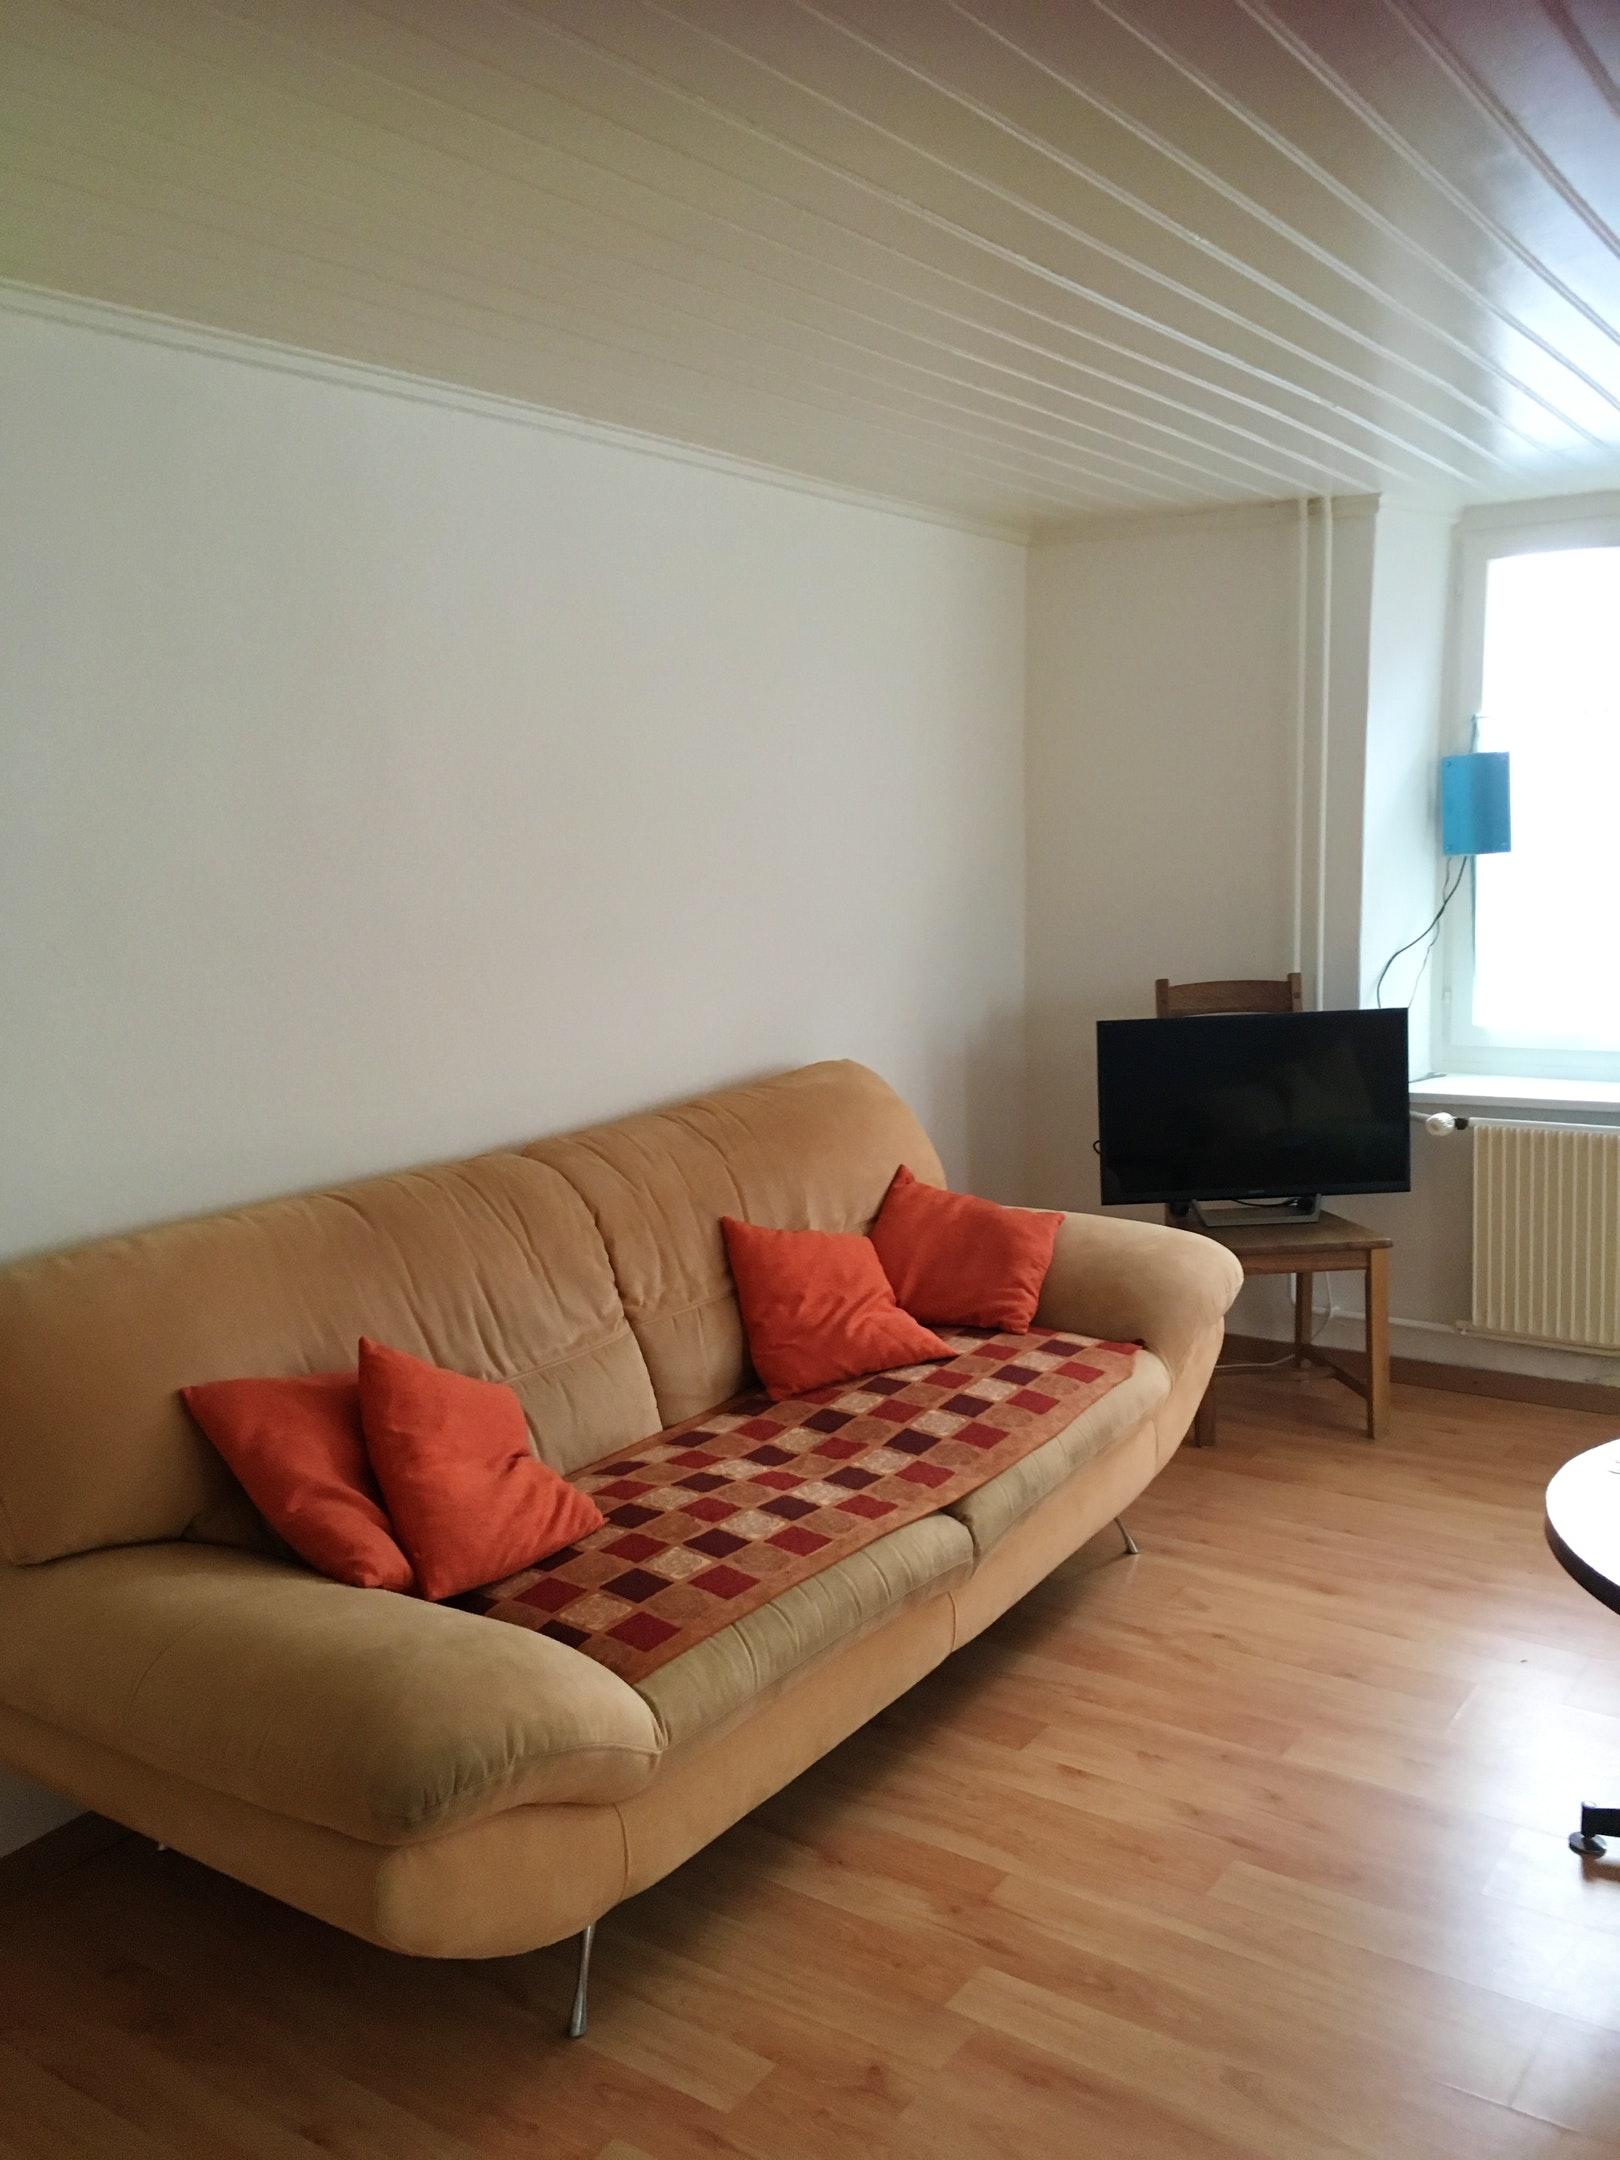 Maison de vacances Haus mit 2 Schlafzimmern in Châbles mit bezauberndem Seeblick, eingezäuntem Garten und W-L (2519223), Châbles FR, Lac de Neuchâtel, Jura - Neuchâtel, Suisse, image 16